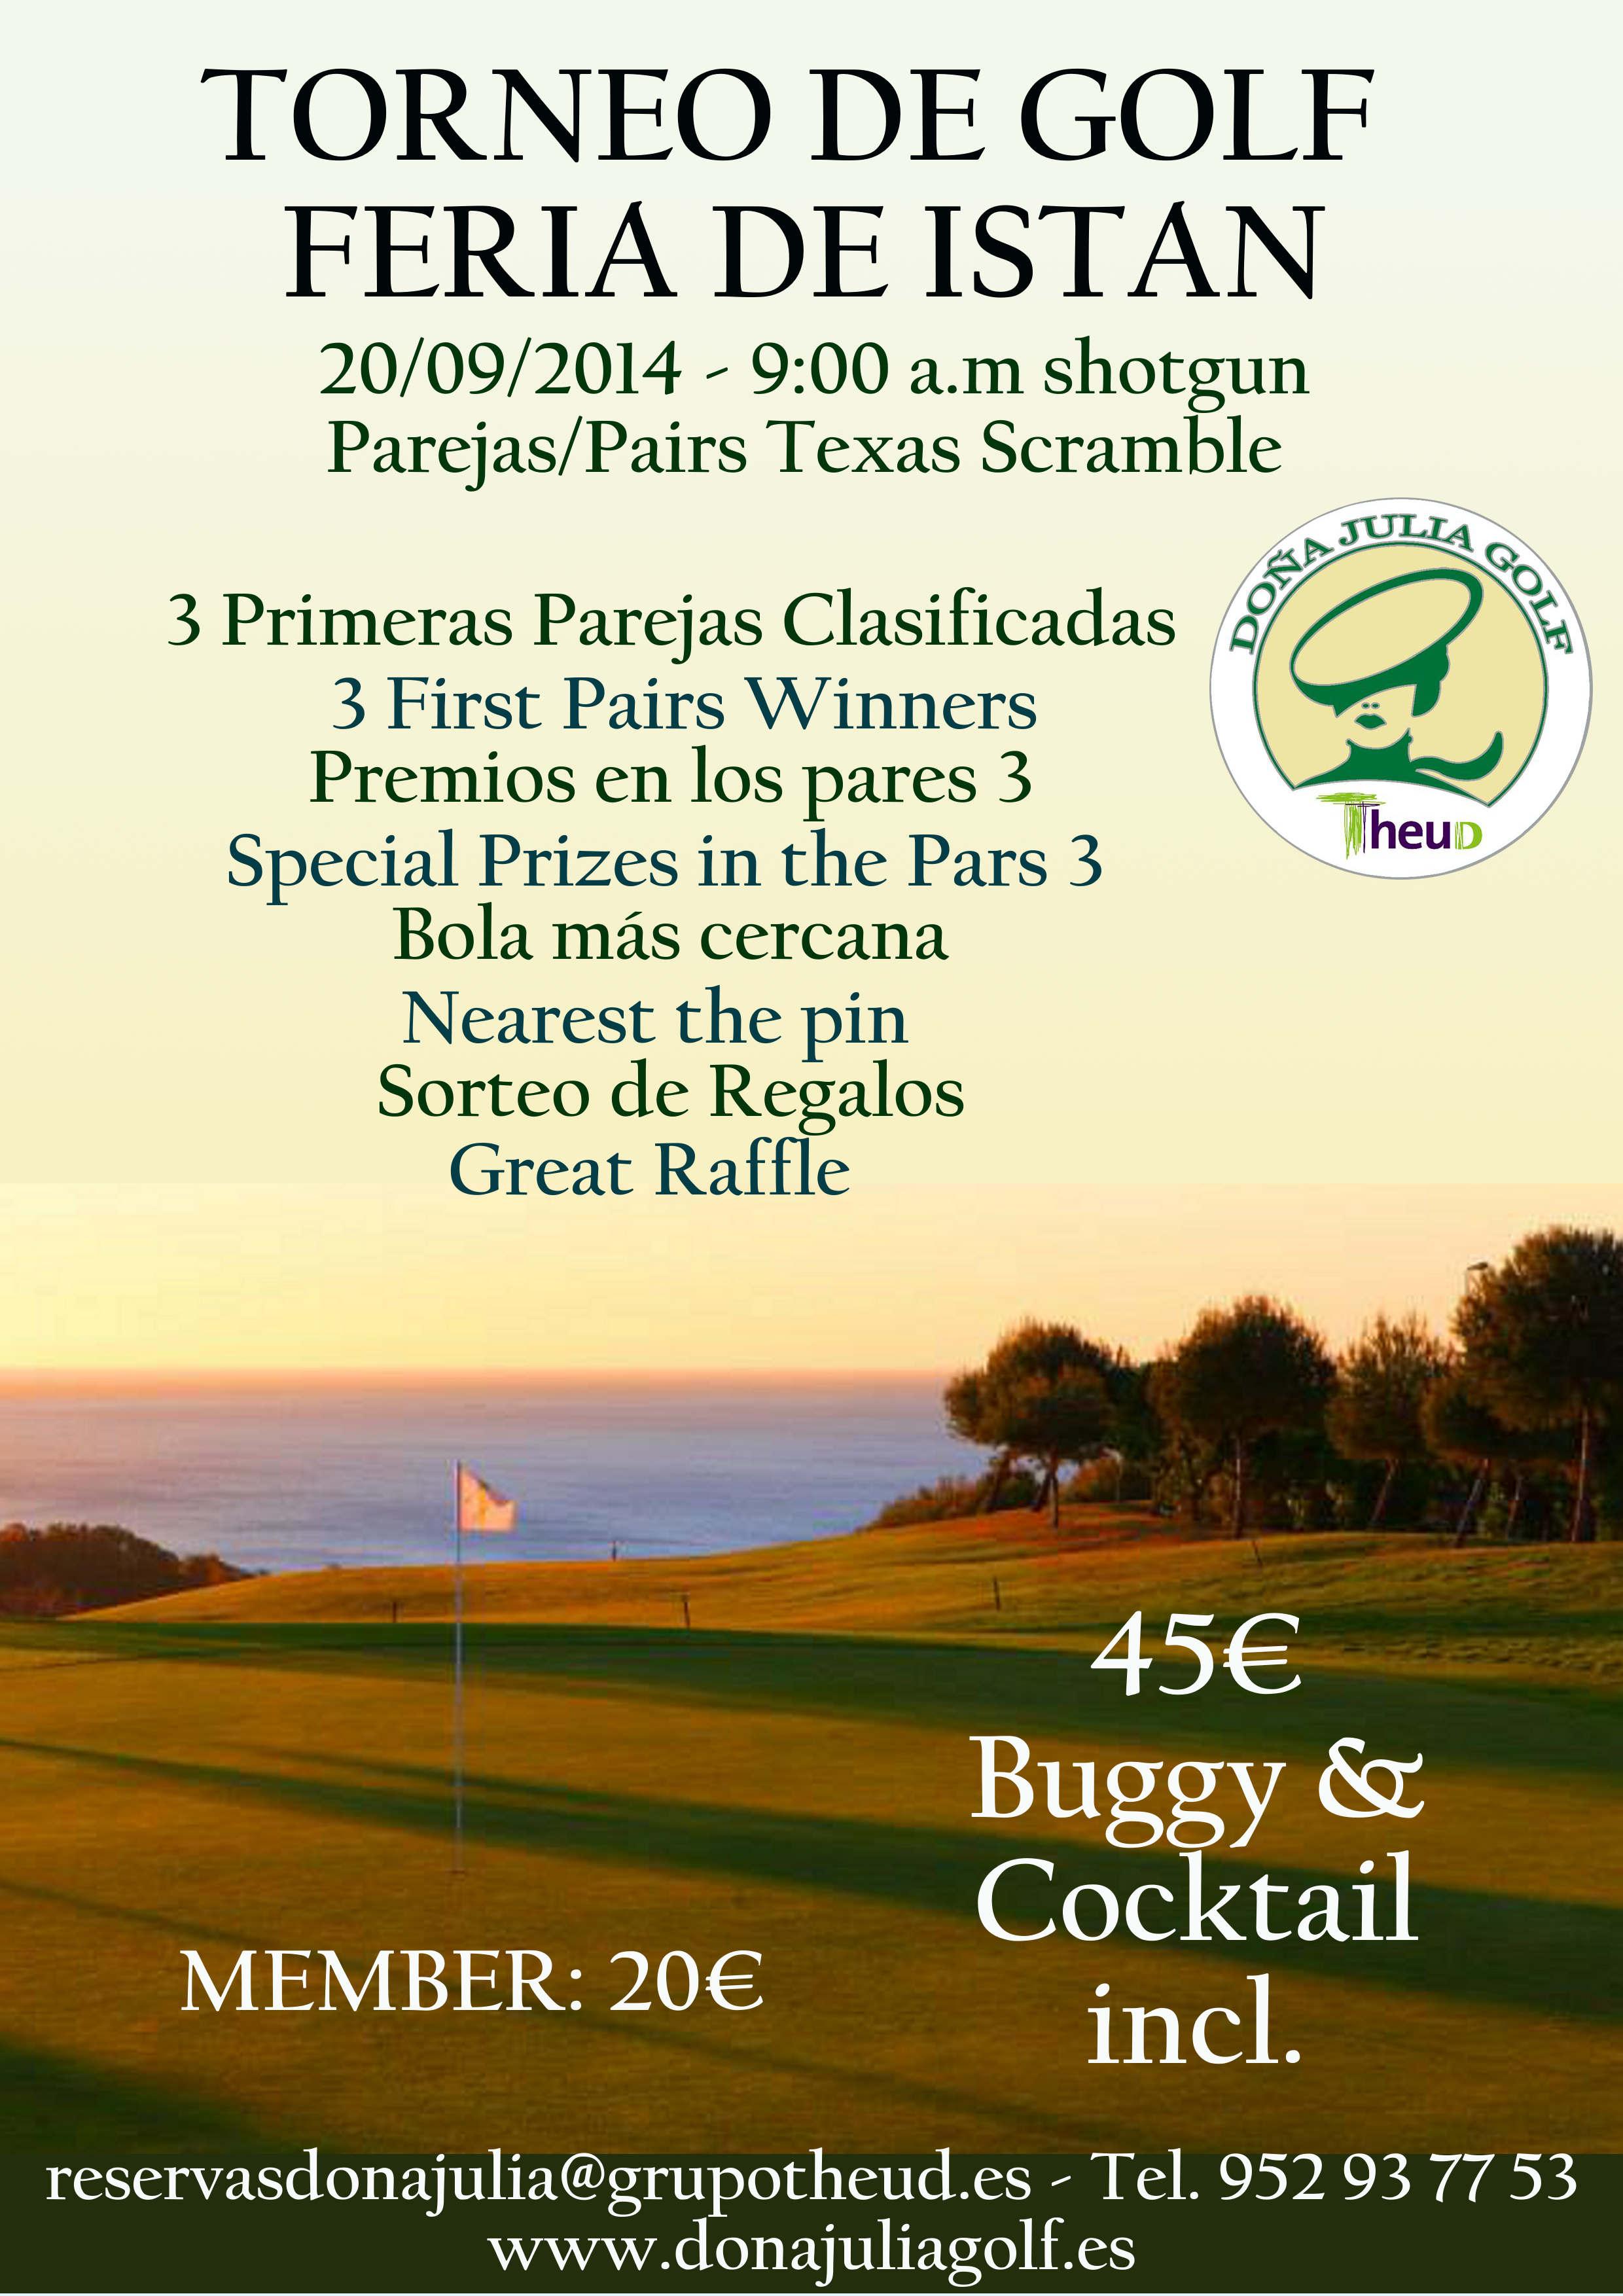 Torneo de Golf Feria de Istán